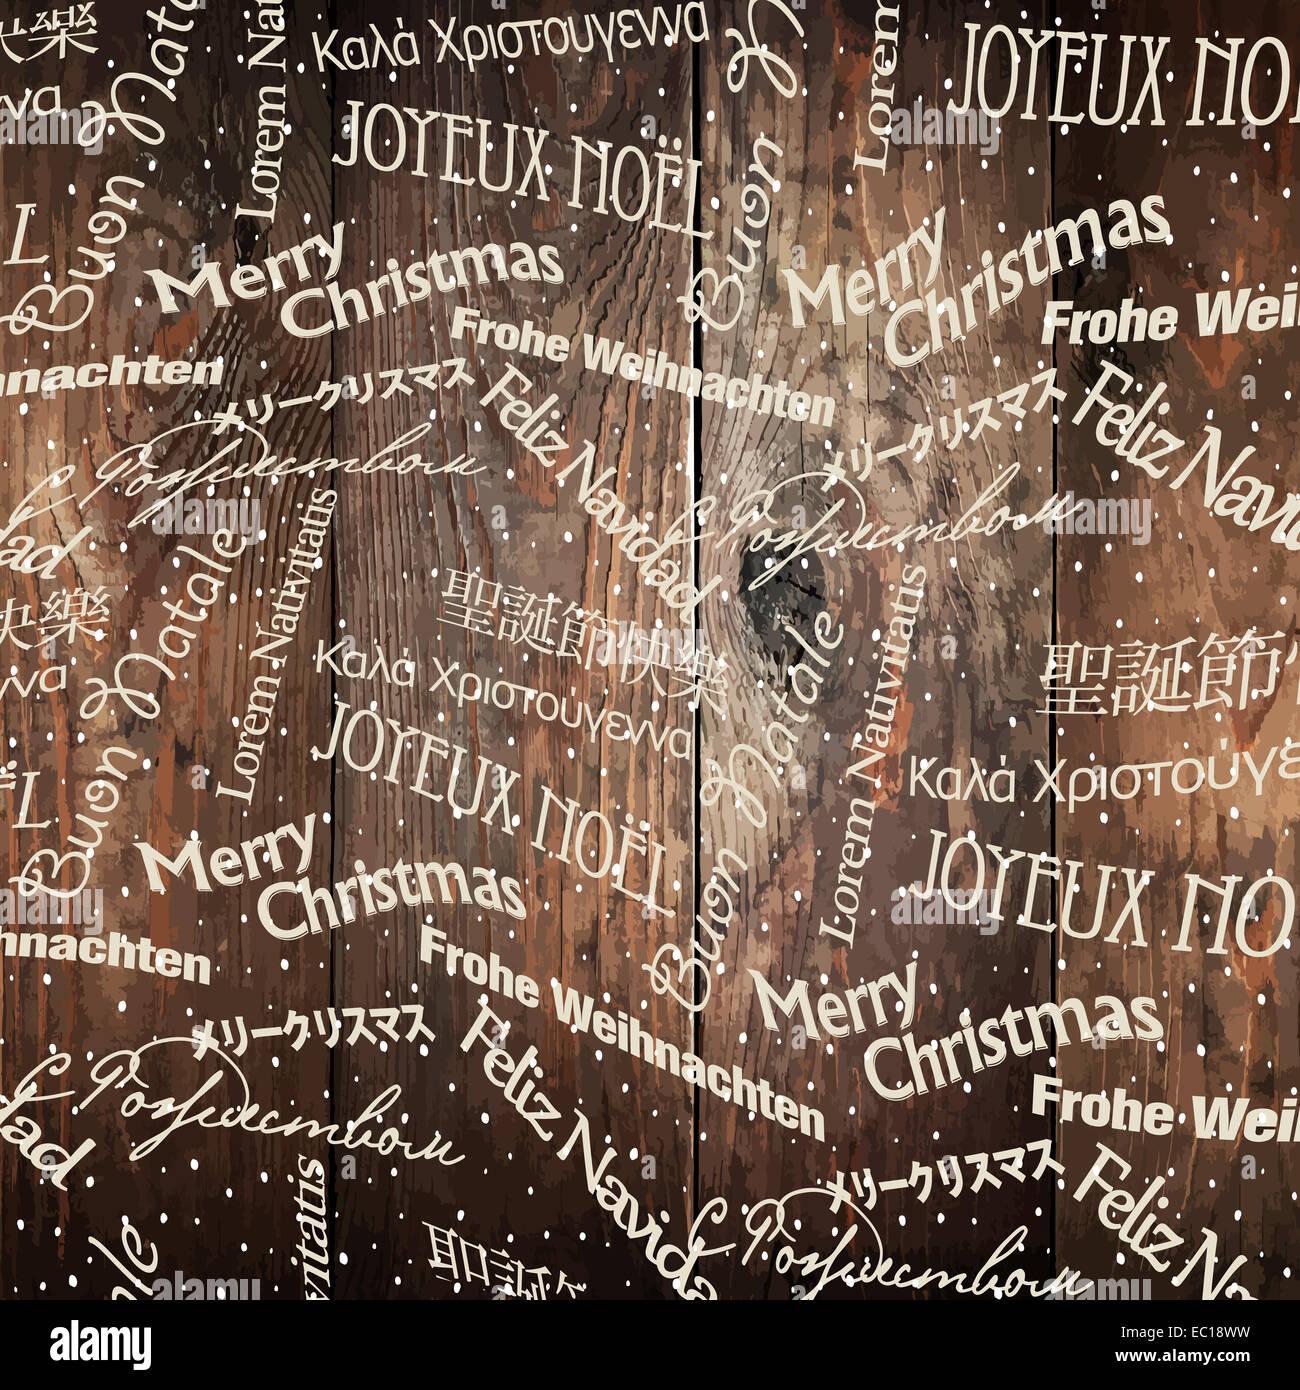 Weihnachten Worte Muster auf Holzwand. Vektor Stockfoto, Bild ...